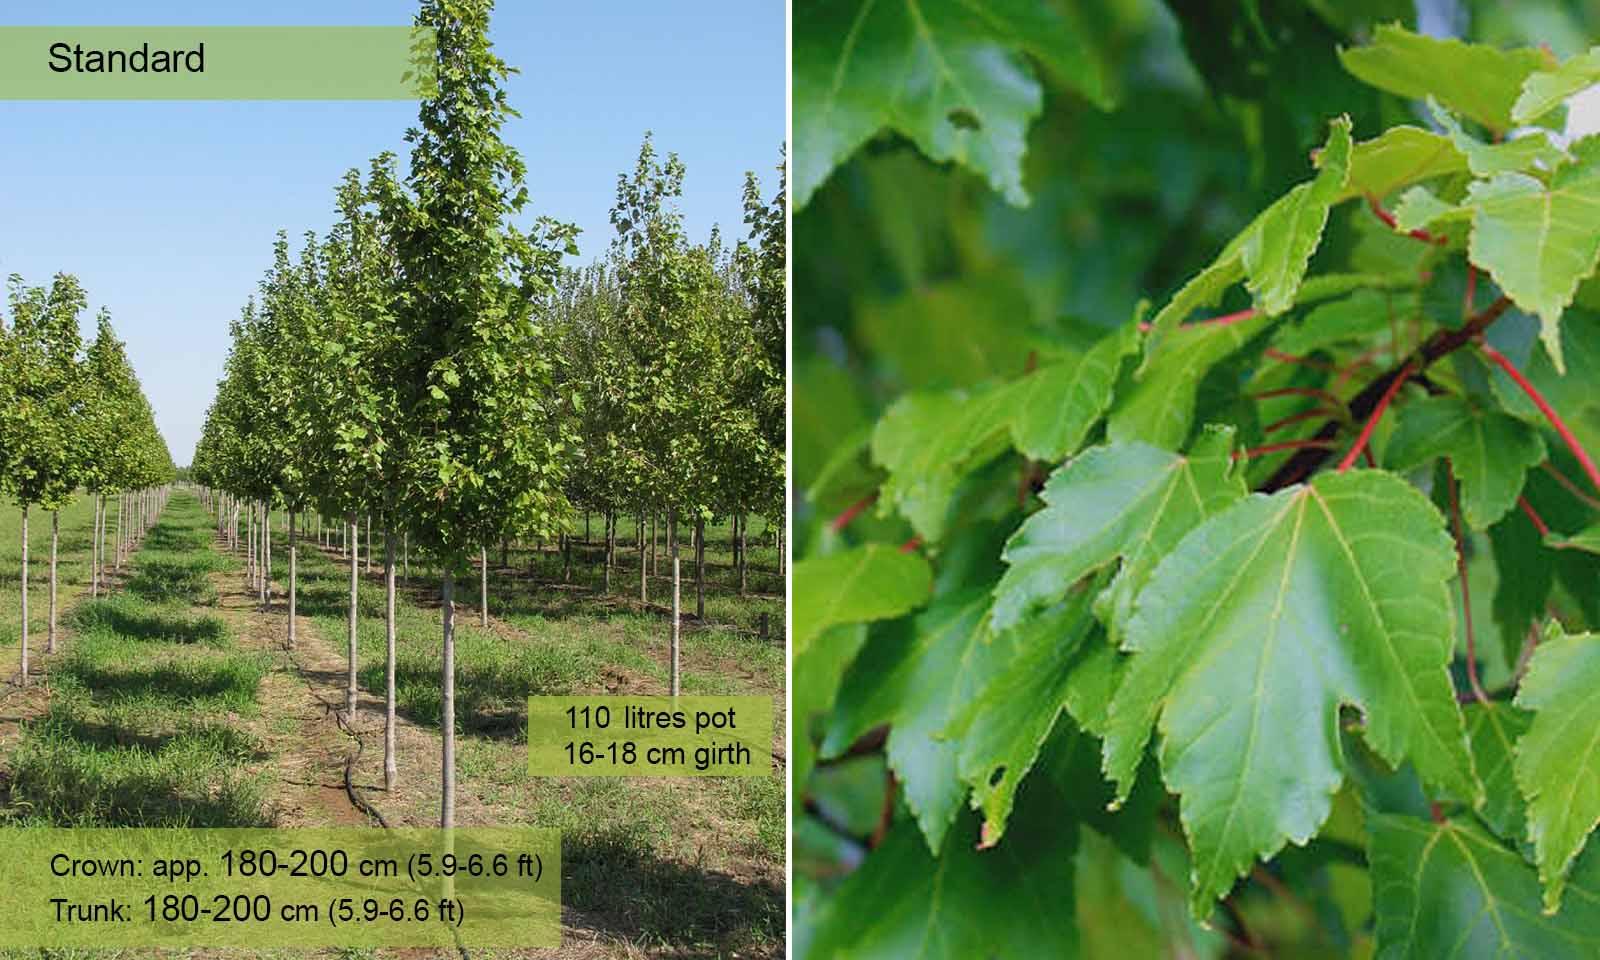 Acer Rubrum October Glory - Standard - Garden Plants Online